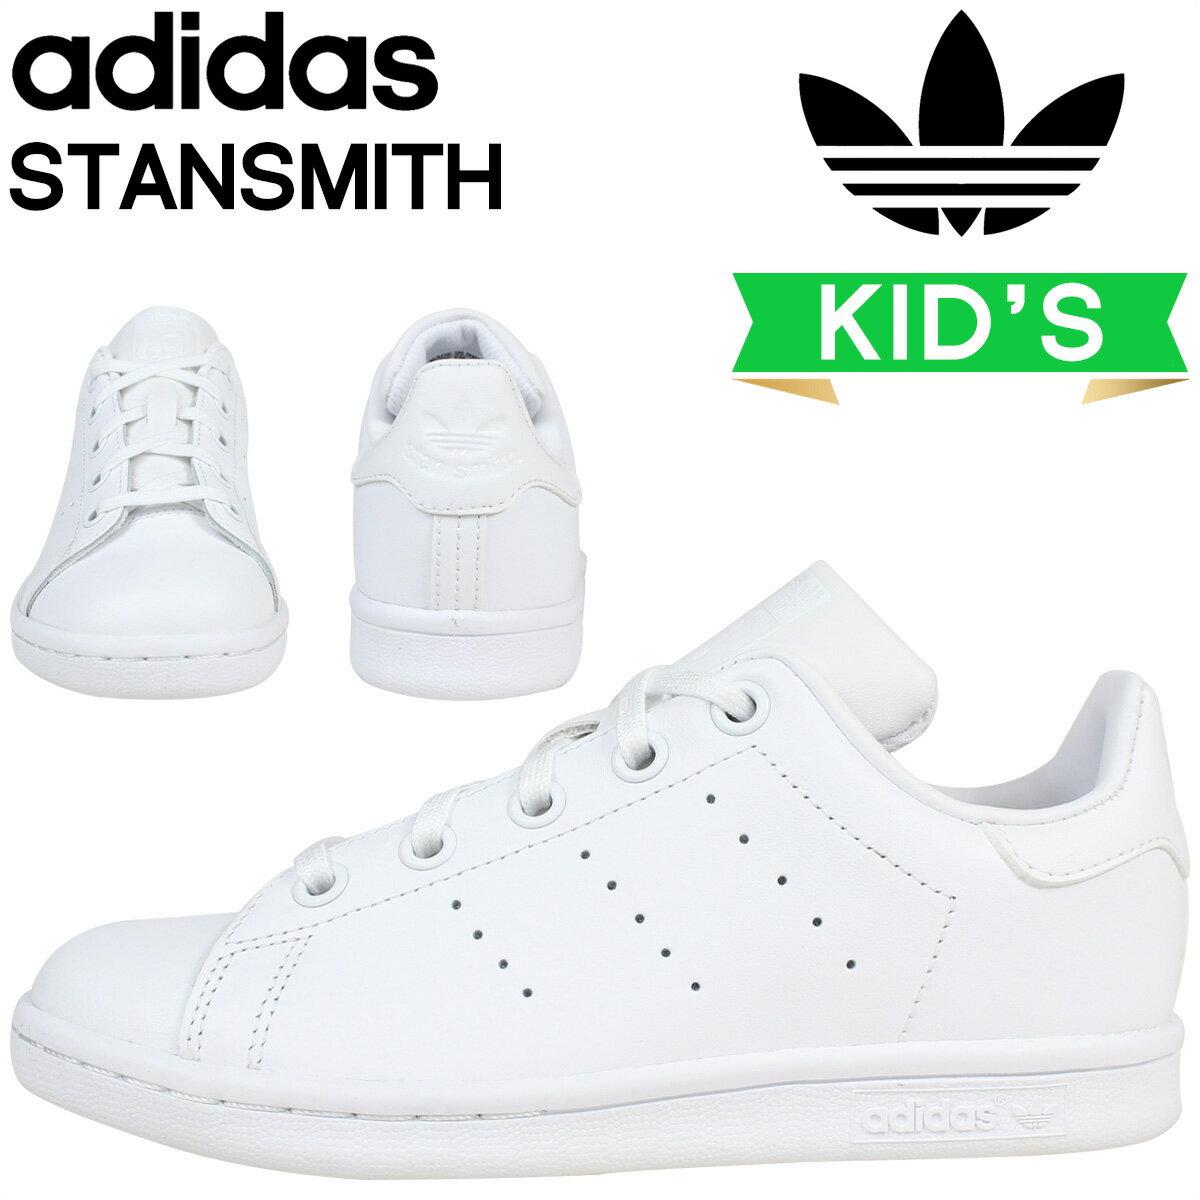 【最大2000円OFFクーポン】 アディダス スタンスミス キッズ adidas スニーカー STAN SMITH EL C BA8388 ホワイト